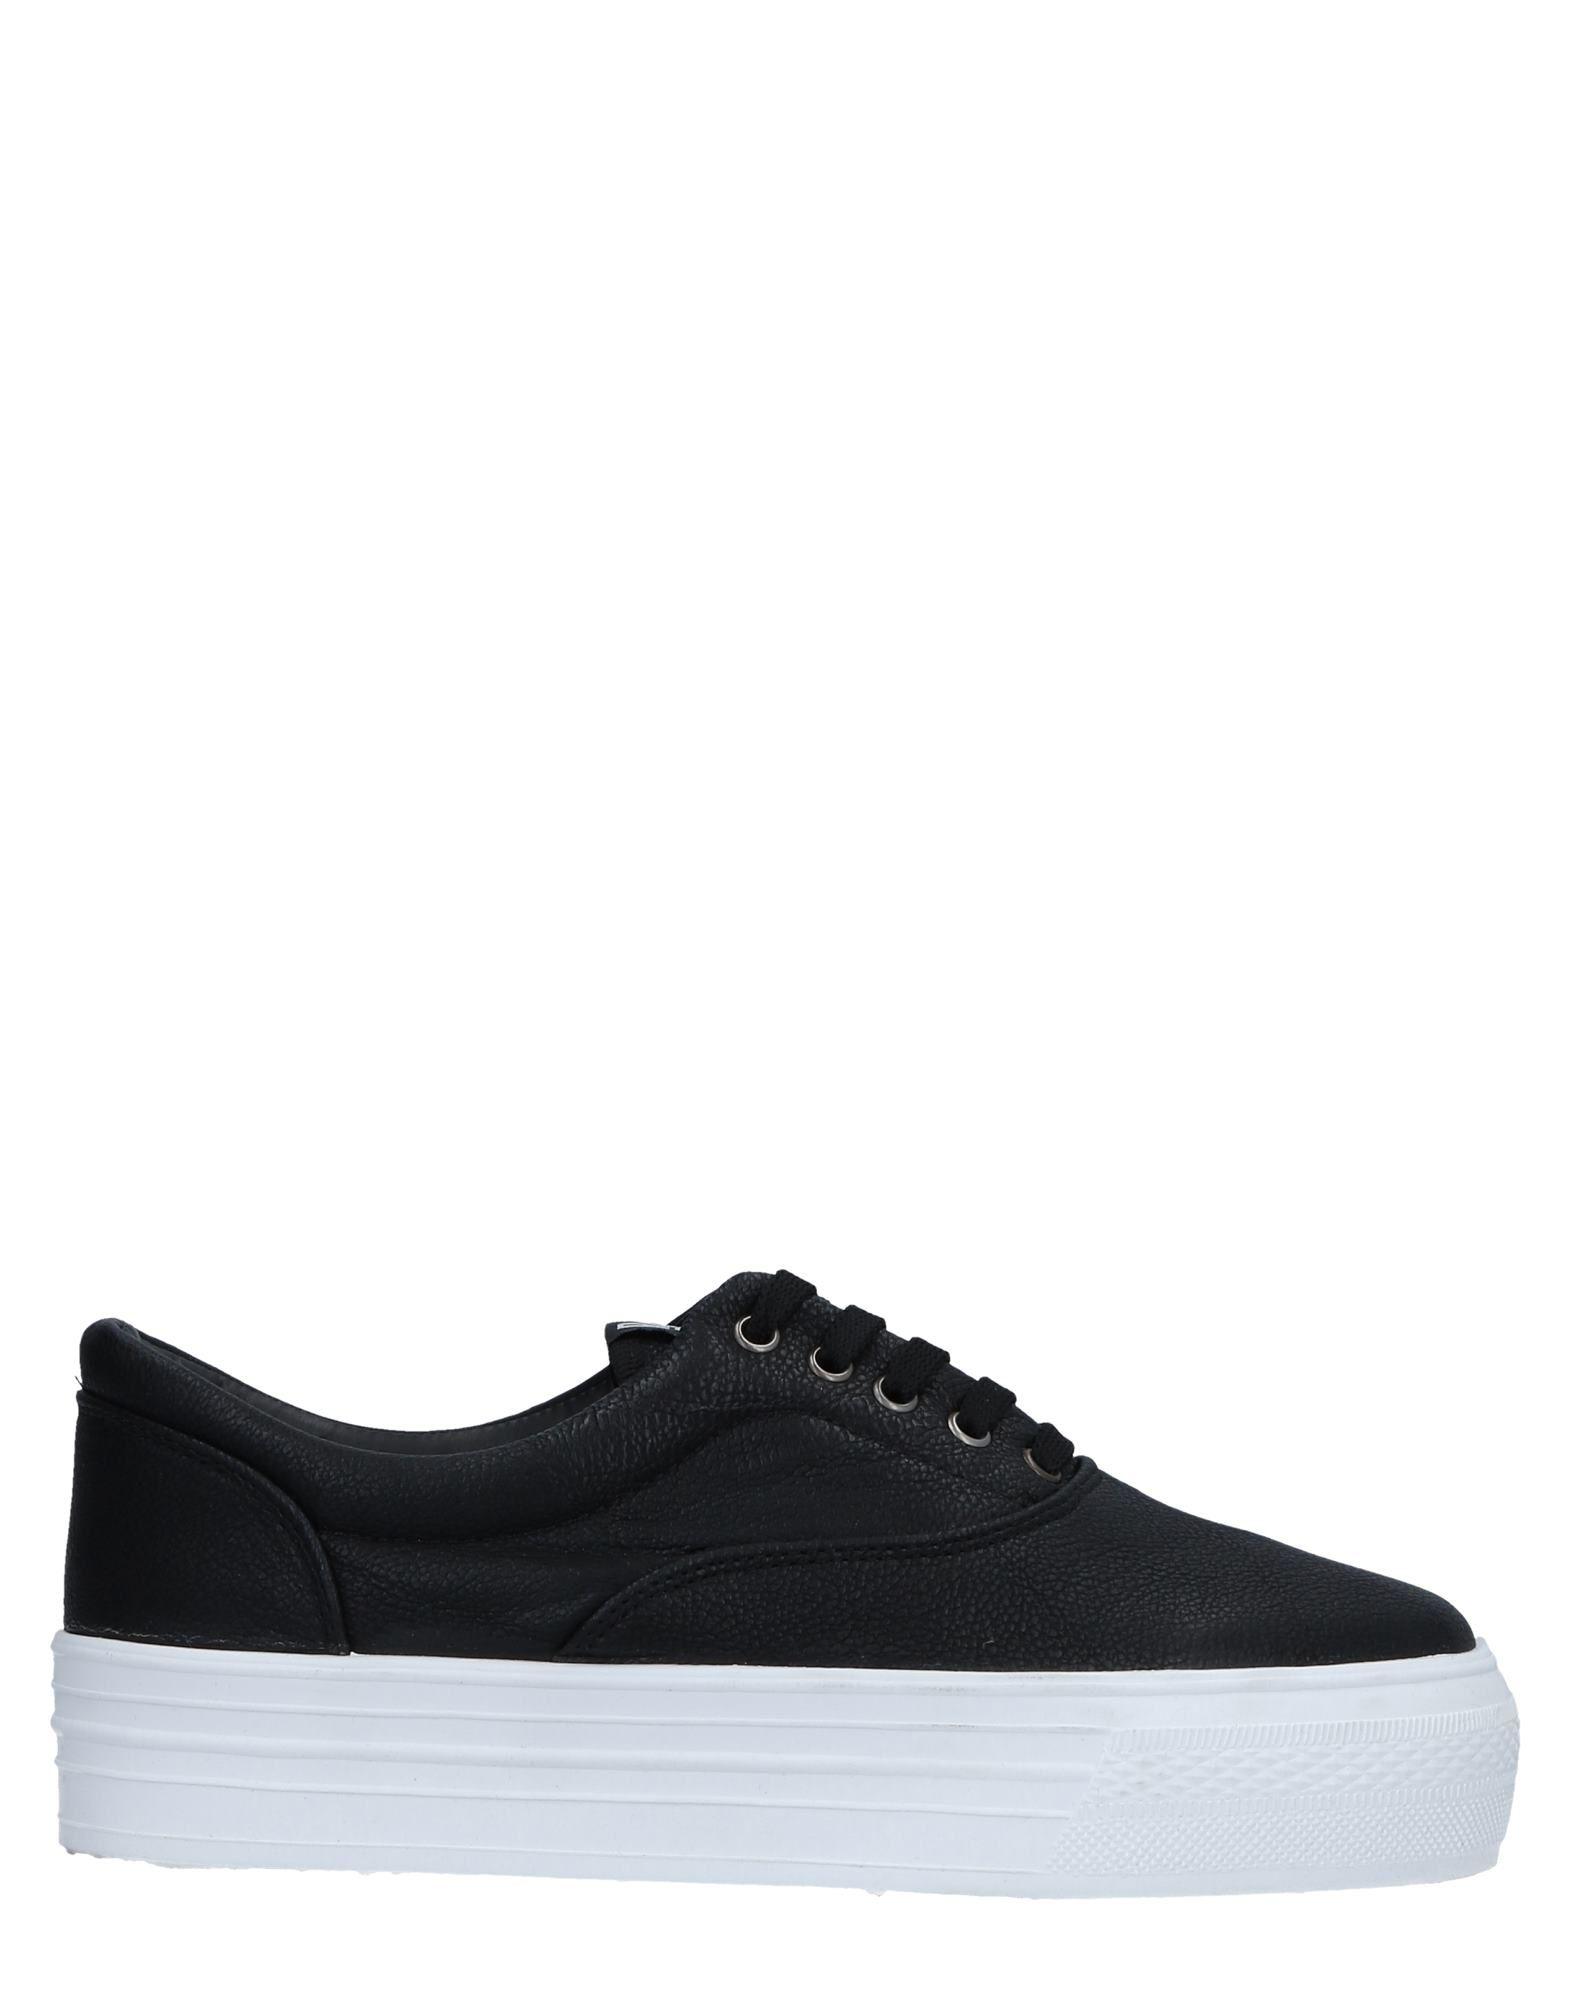 Ripness Sneakers Damen  11514379KI Gute Qualität beliebte Schuhe